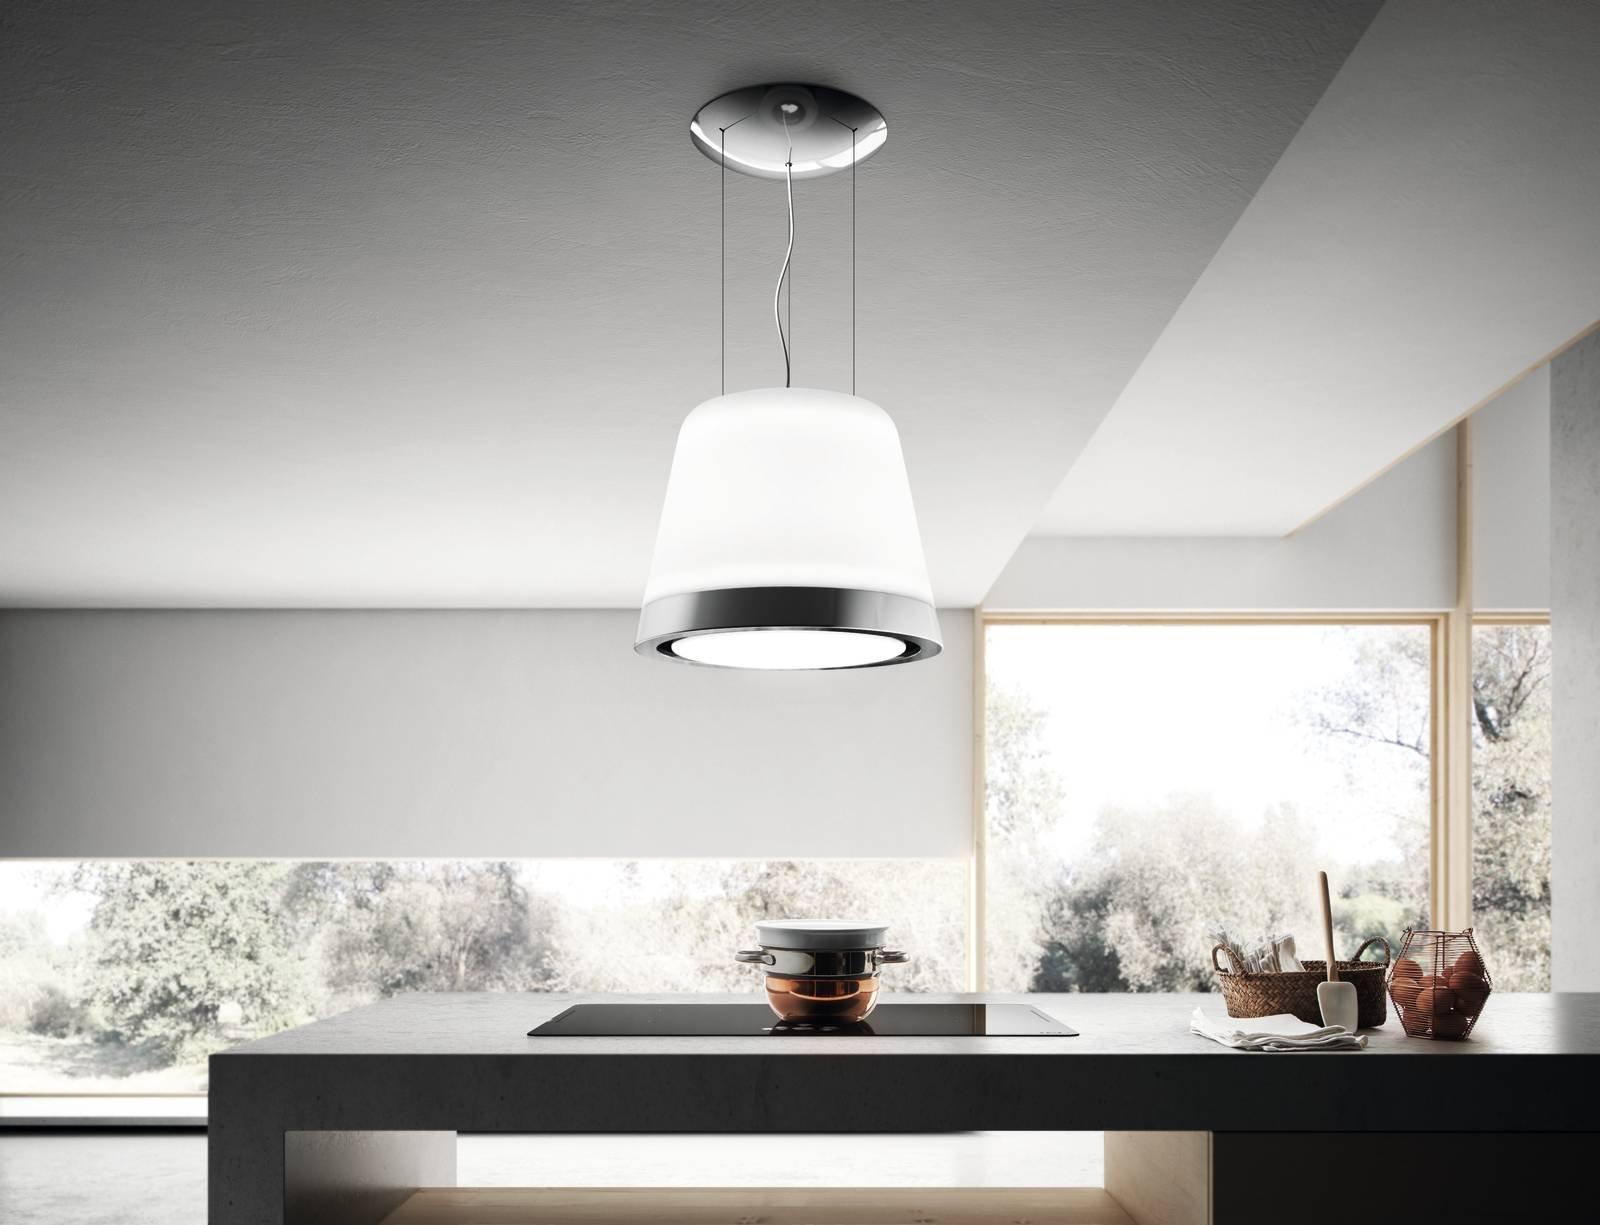 Cappa per la cucina design e funzionalit in primo piano for Cappa cucina design